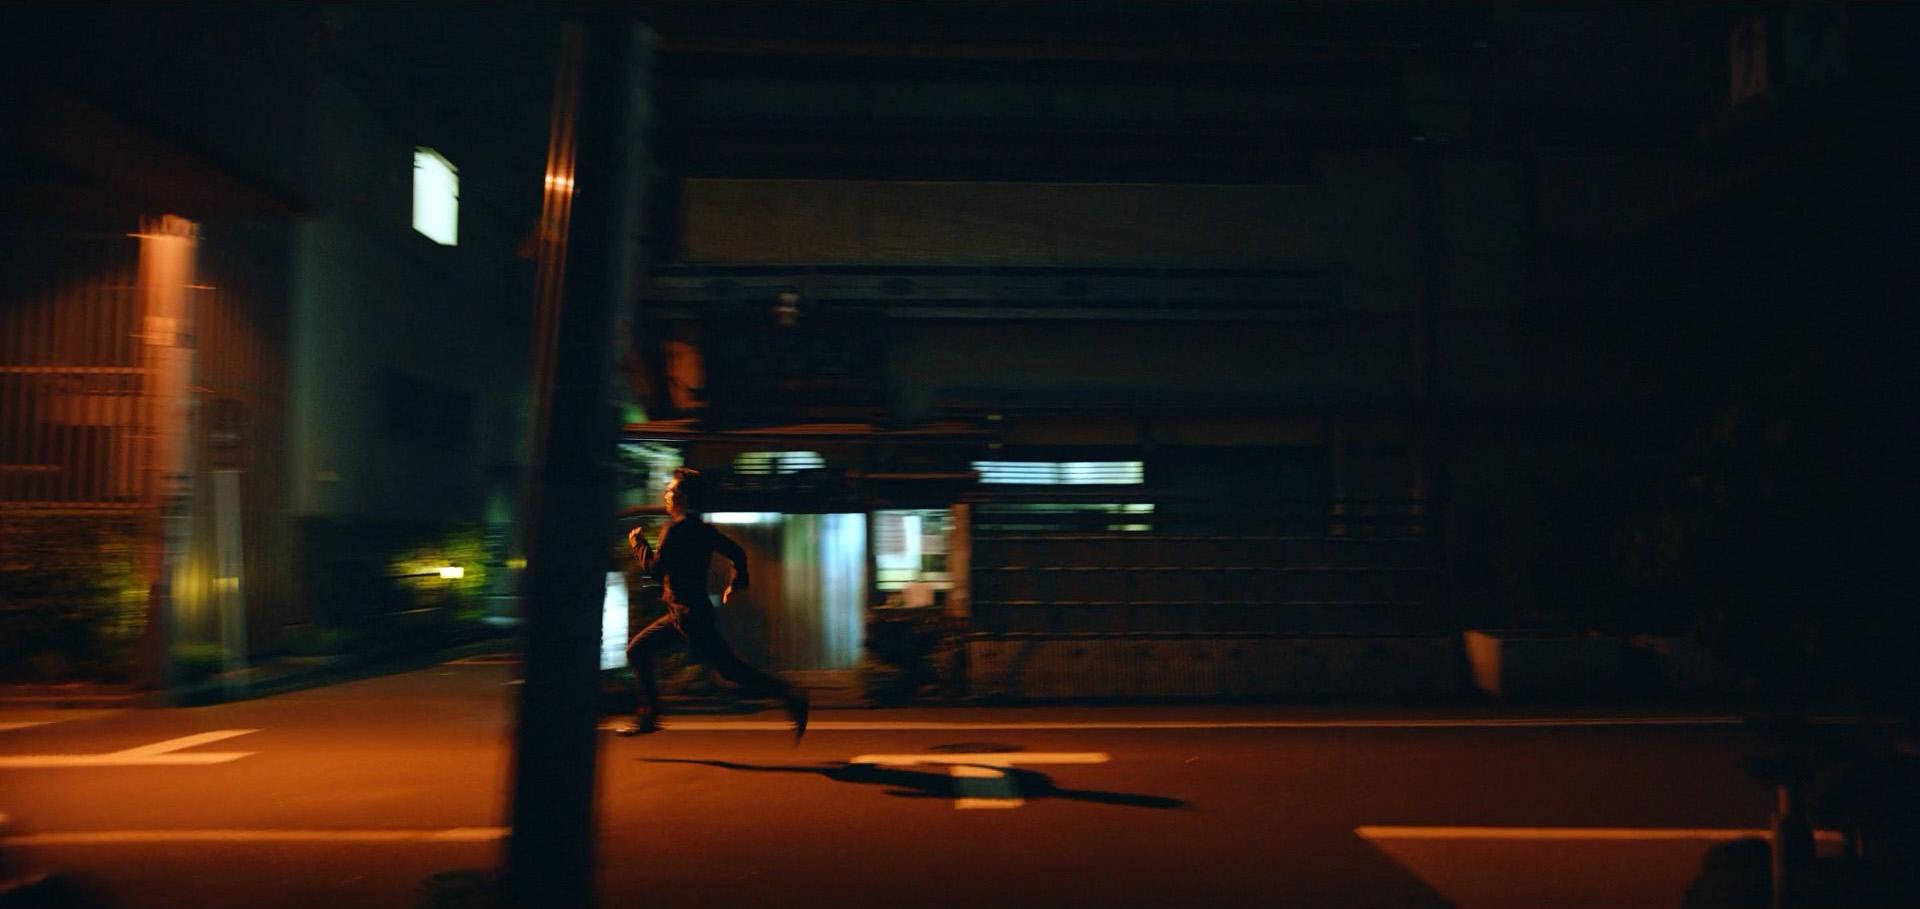 032 - Audi - Runner-0105